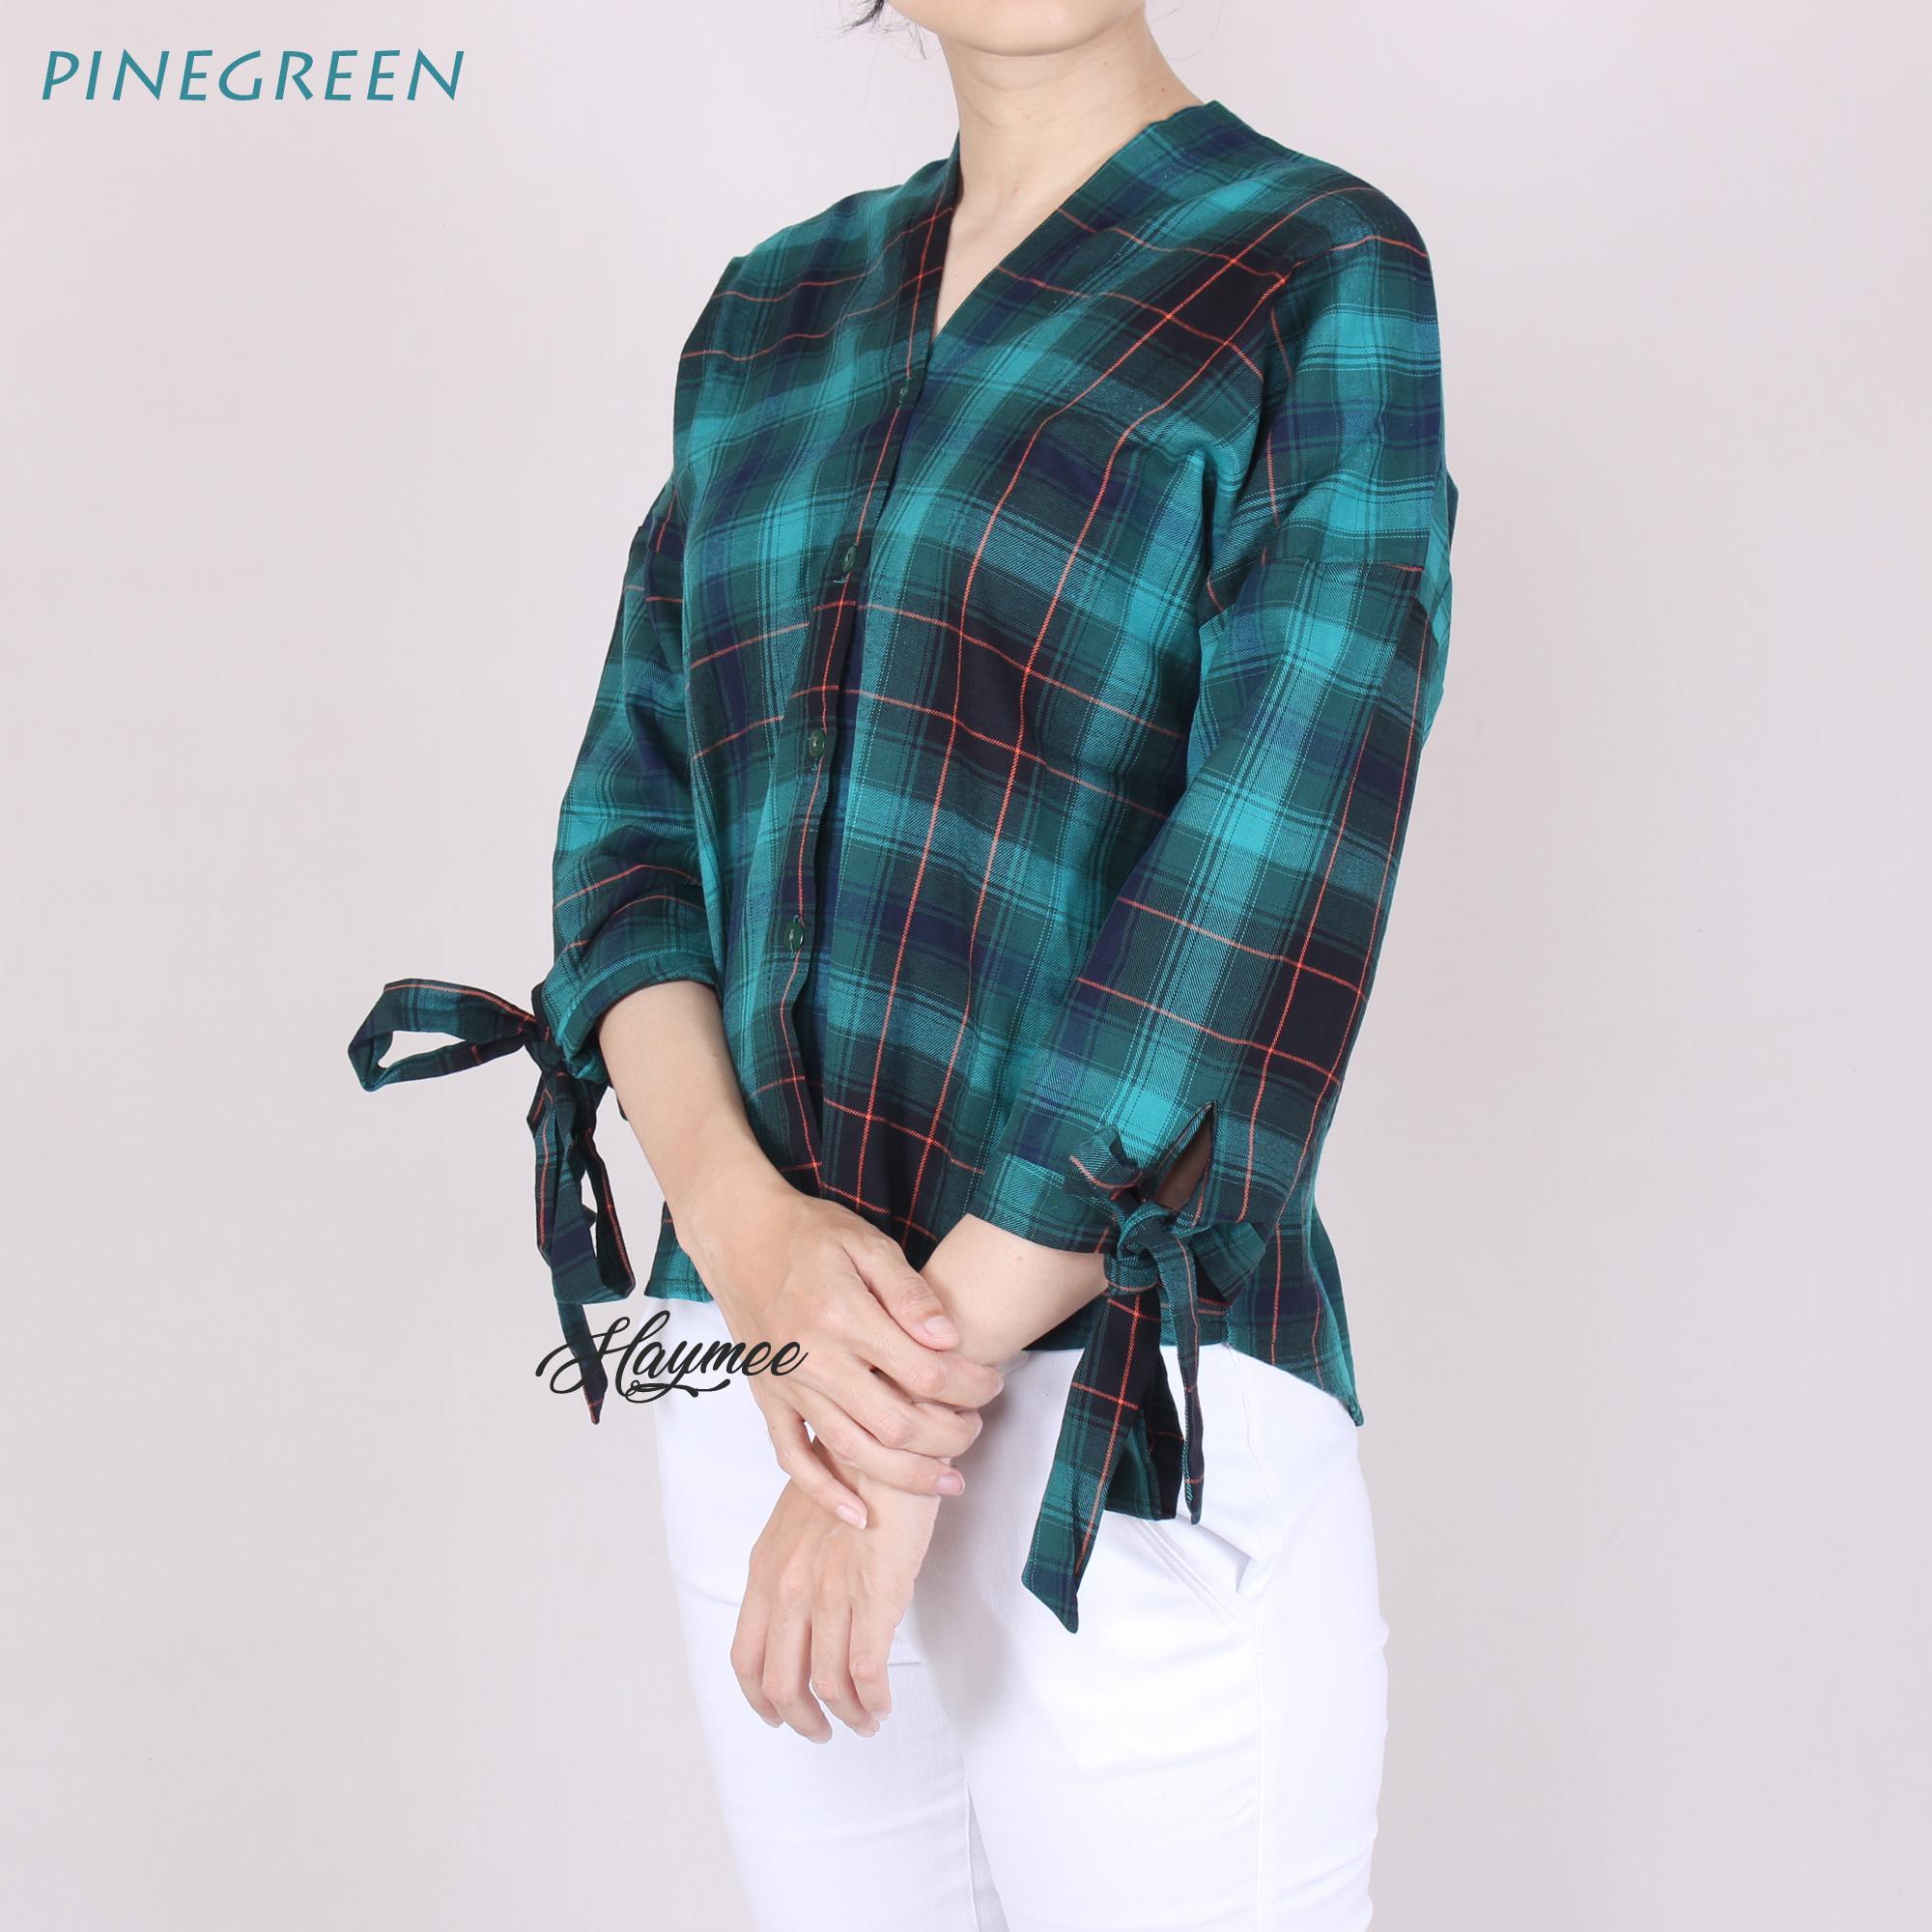 HaymeeStore Kemeja Flanel Wanita Lengan Panjang Exclusive Baju Kemeja Flannel Cewek Kerja Kantoran Kemeja Distro